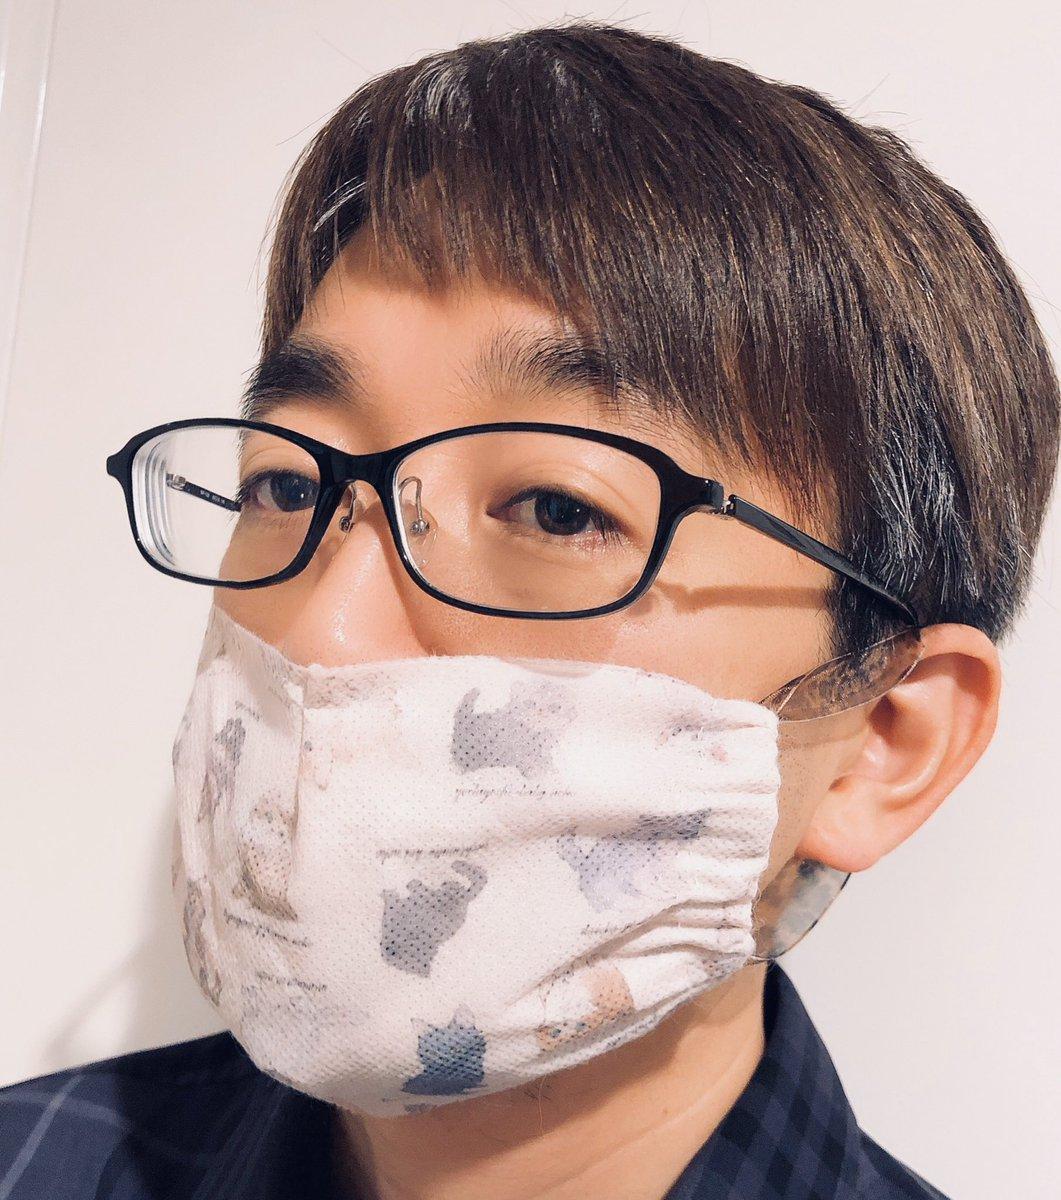 #マスク2枚 家族分マスクを増やすべく、好きなブランドの洋服が包まれてた不織布で作ってみた。#手作りマスク